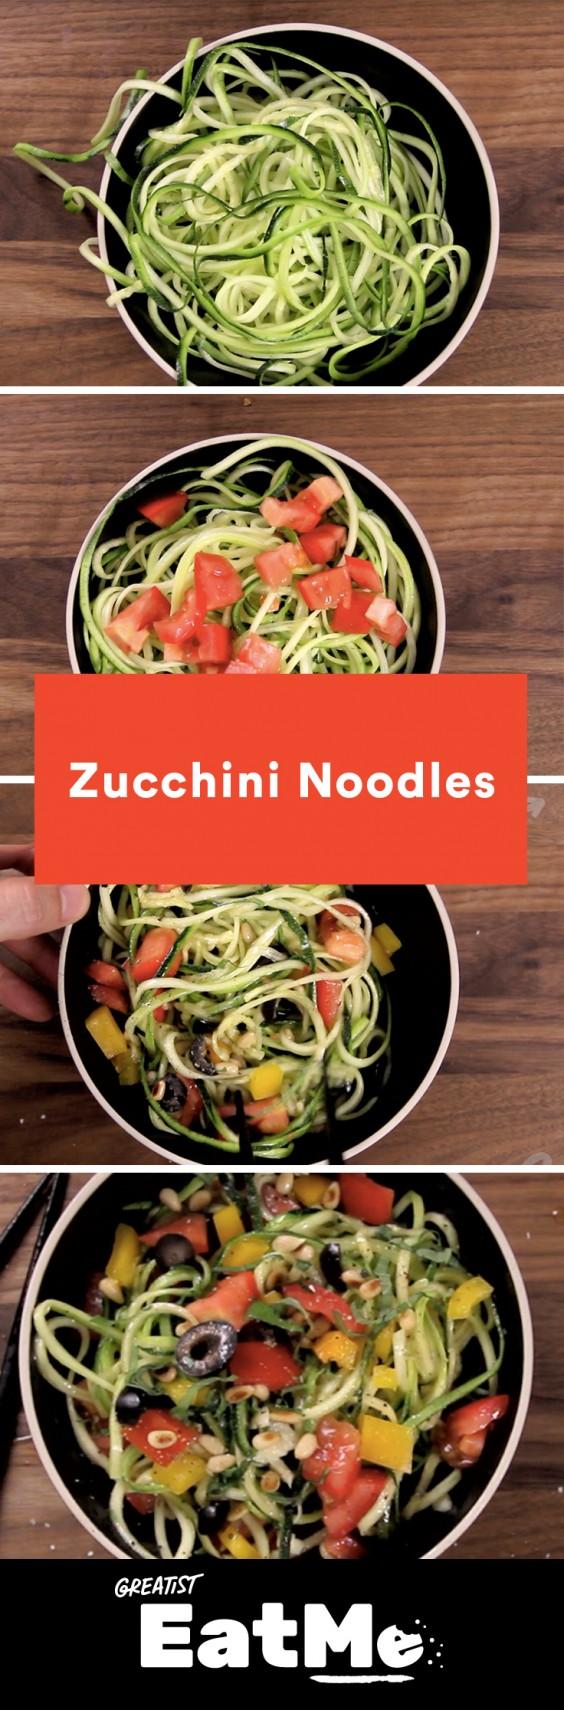 Eat Me Video: Zucchini Noodles